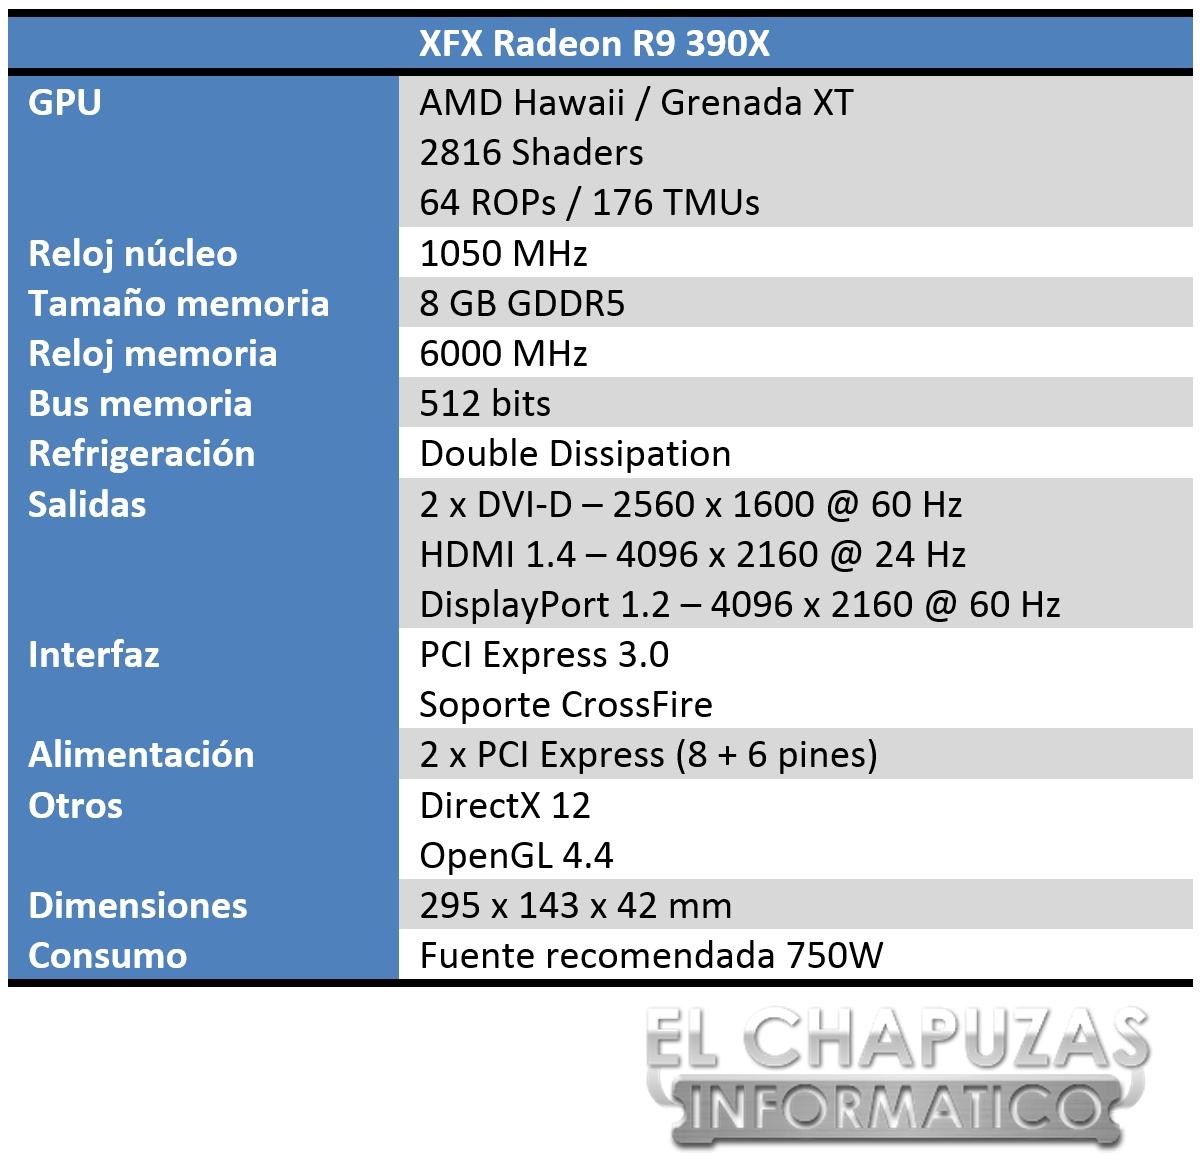 XFX Radeon R9 390X [Review]